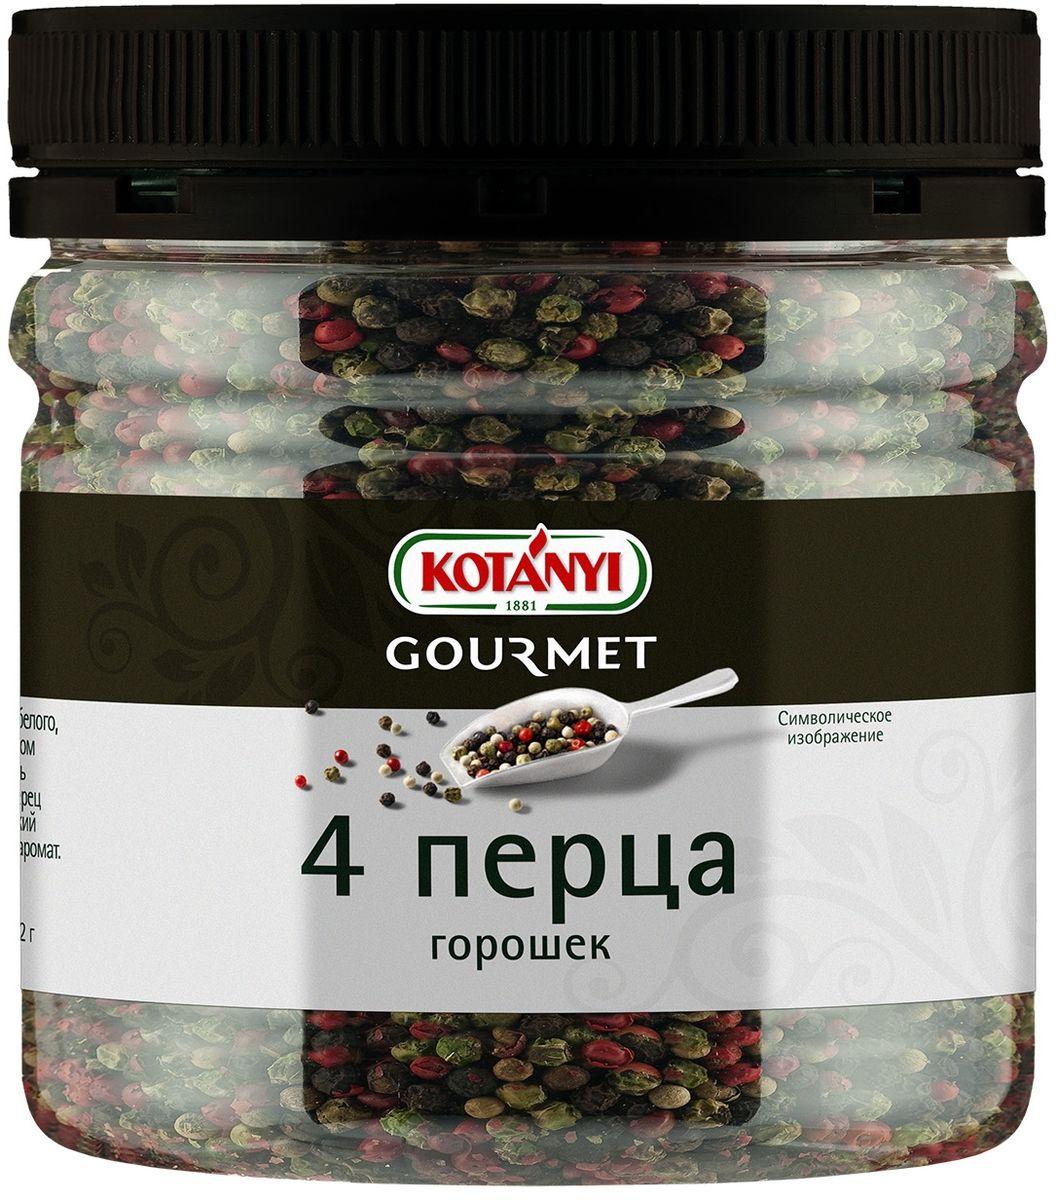 Kotanyi 4 перца, 170 г7343114 перца KotanyI - это настоящее кулинарное сокровище! Яркая, острая, обладающая великолепным ароматом, эта смесь перцев идеально подходит как для заправки, так и для украшения разнообразных блюд.Это классическая смесь черного, белого, зеленого и так называемого розового перца, который на самом деле является плодами дерева Шинус. Черный перец – очень ароматная специя с острым вкусом, в то время как белый перец обладает более мягким вкусом. Зеленый перец придает тонкий пряный аромат. Розовый перец имеет мягкий вкус и легкий аромат.Внимание! Может содержать следы глютеносодержащих злаков, яиц, сои, сельдерея, кунжута, орехов, молока (лактозы), горчицы.Приправы для 7 видов блюд: от мяса до десерта. Статья OZON Гид